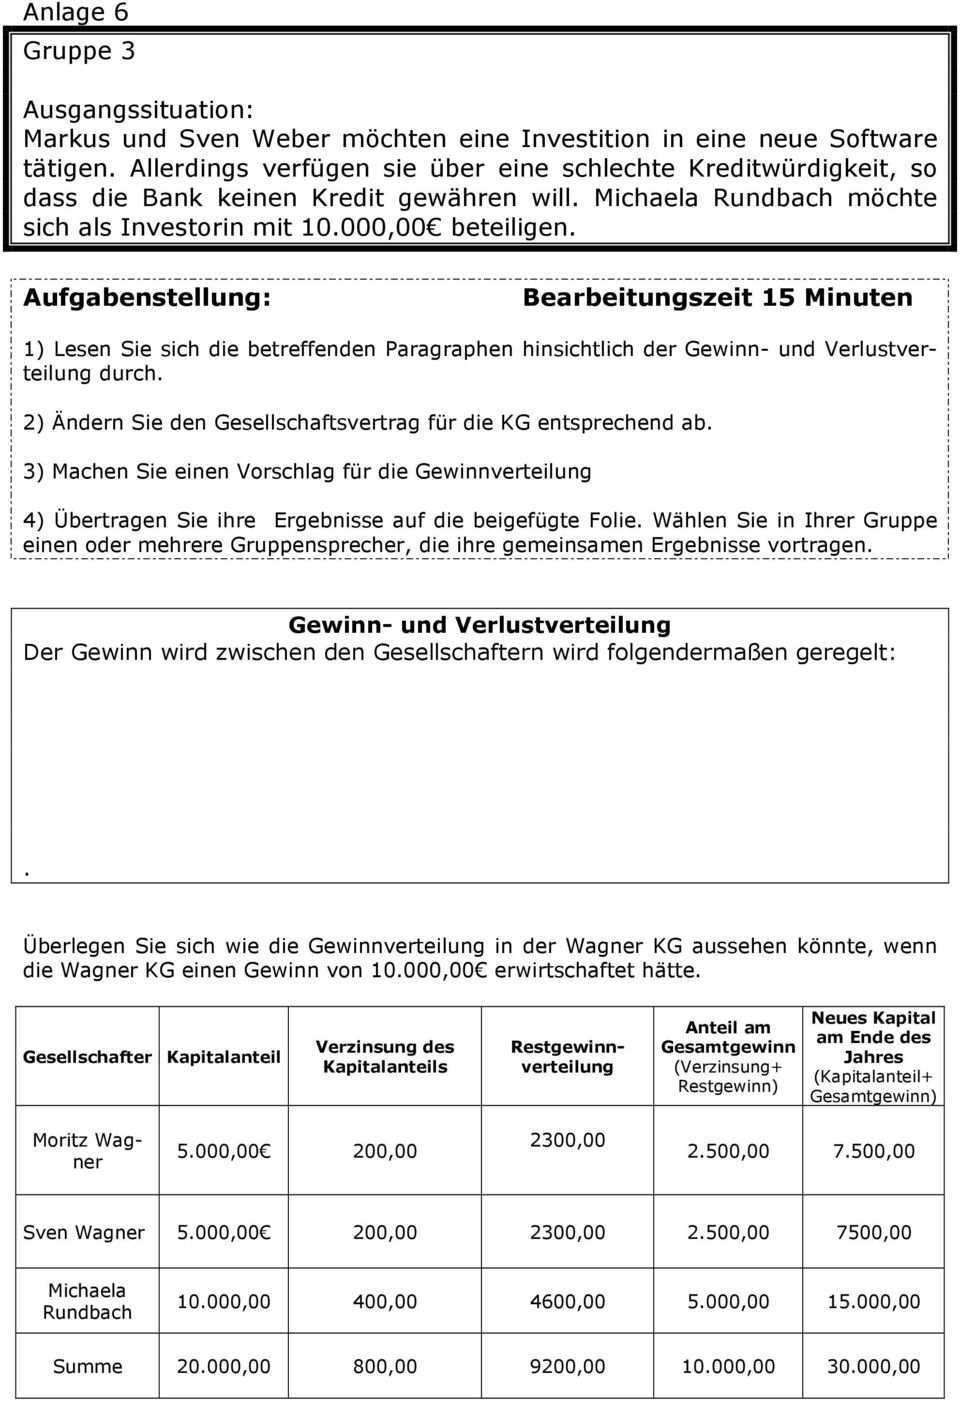 Zentrum Fur Schulpraktische Lehrerausbildung Krefeld Seminar Fur Das Lehramt Am Berufskolleg Pdf Free Download